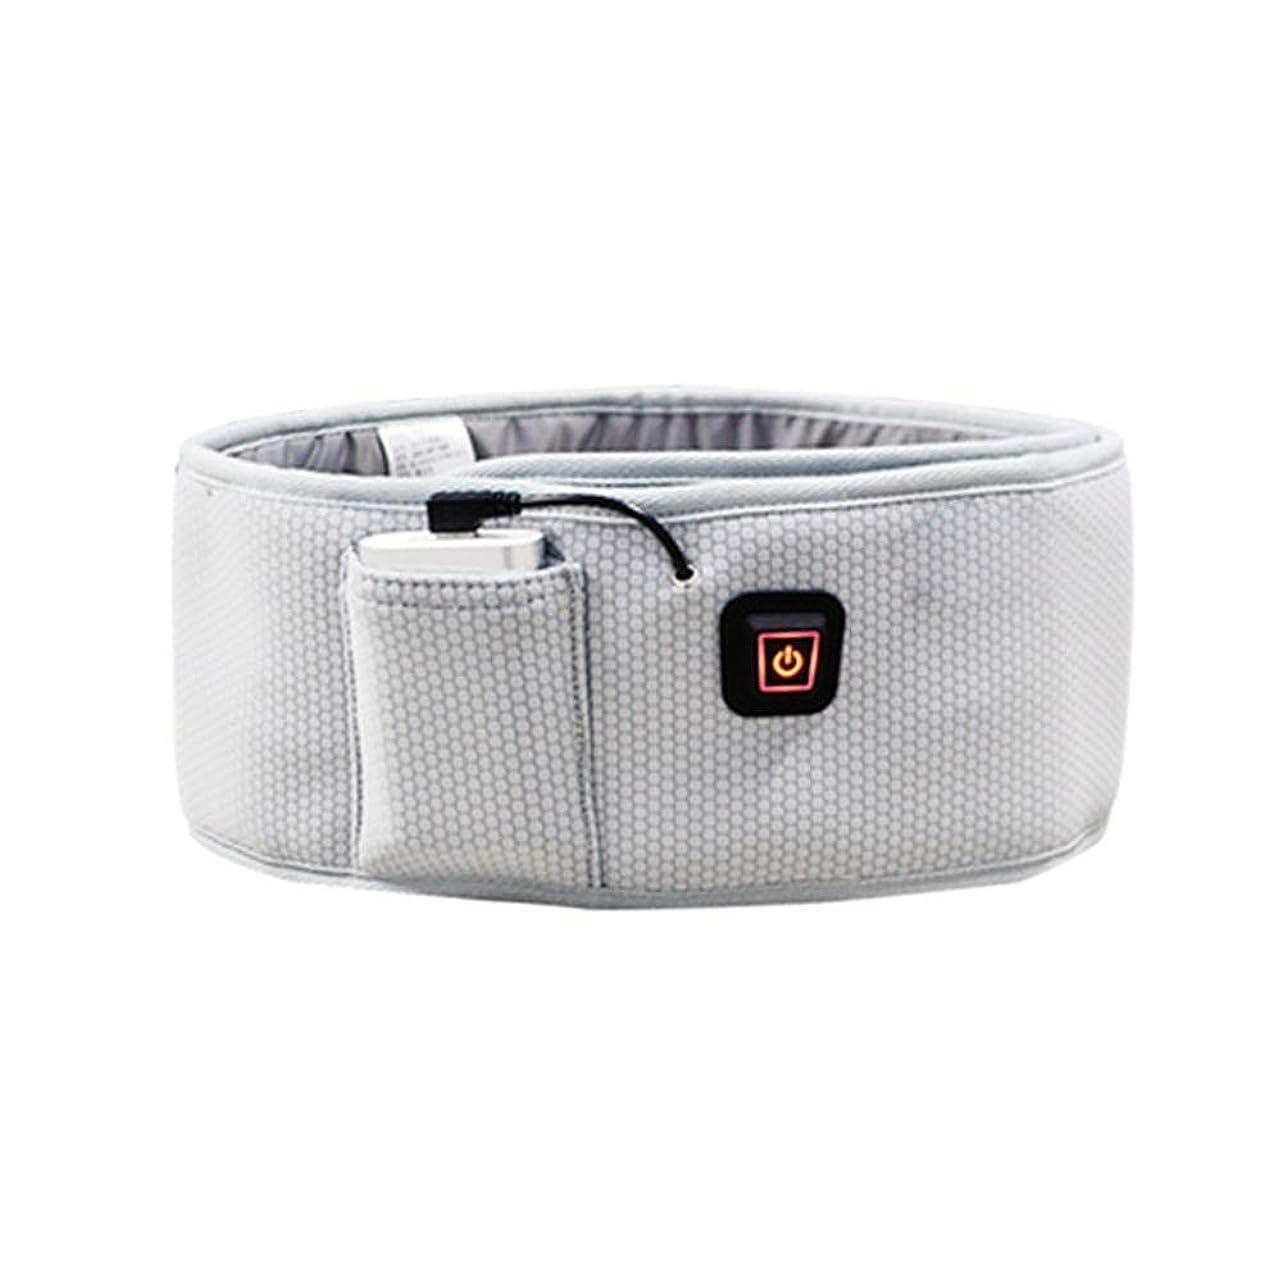 ハング幅腕腰の痛みを軽減するための加熱ラップバックブレースランバーサポートウォーマーベルト 腰痛保護バンド (色 : グレー, サイズ : FREE SIZE)